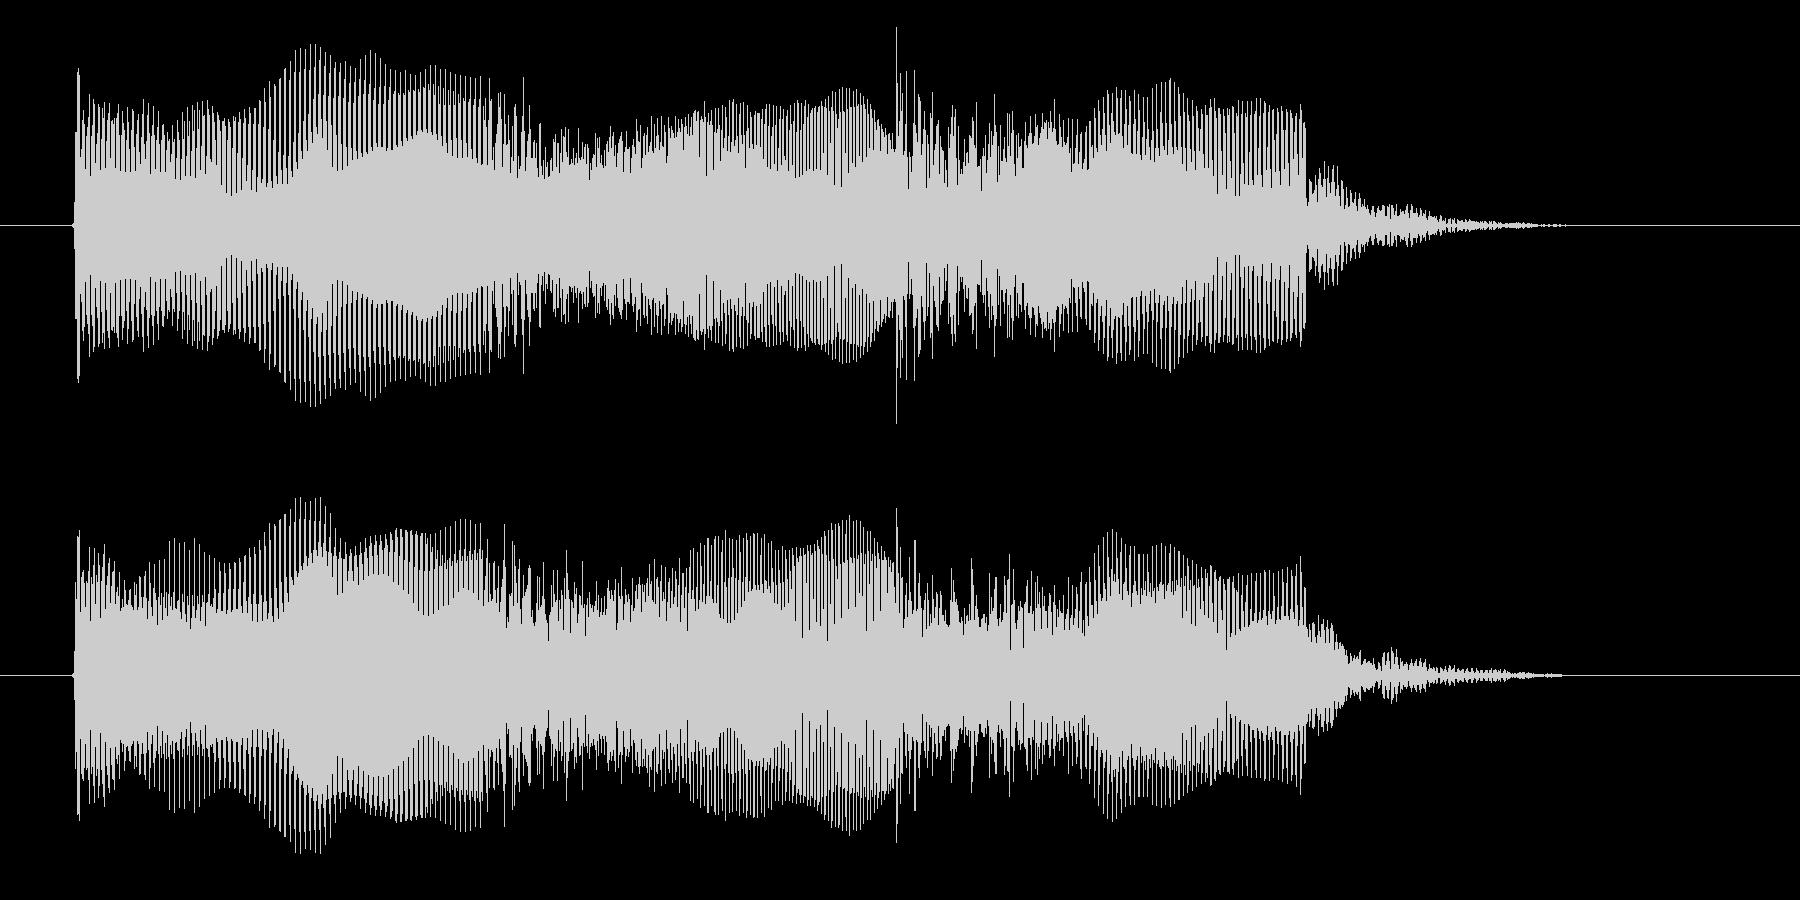 宇宙感のあるシンセ音(撃つ、ゲーム)の未再生の波形